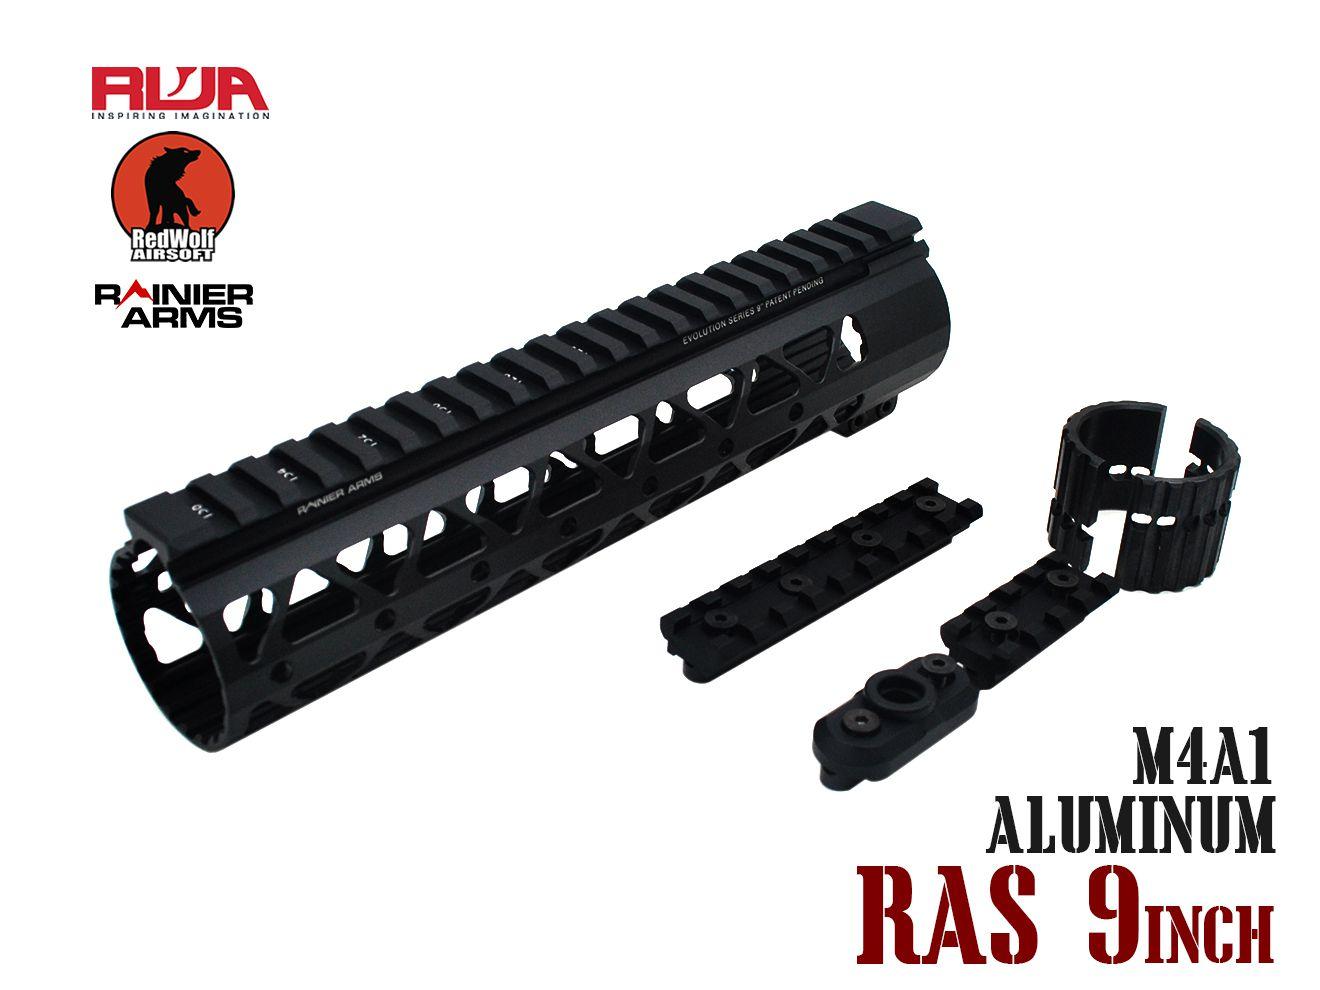 RWA Samson Rainier Arms ハンドガード 9インチ★レッドウルフ RED WOLF RAS レールシステム M4A1 MWS